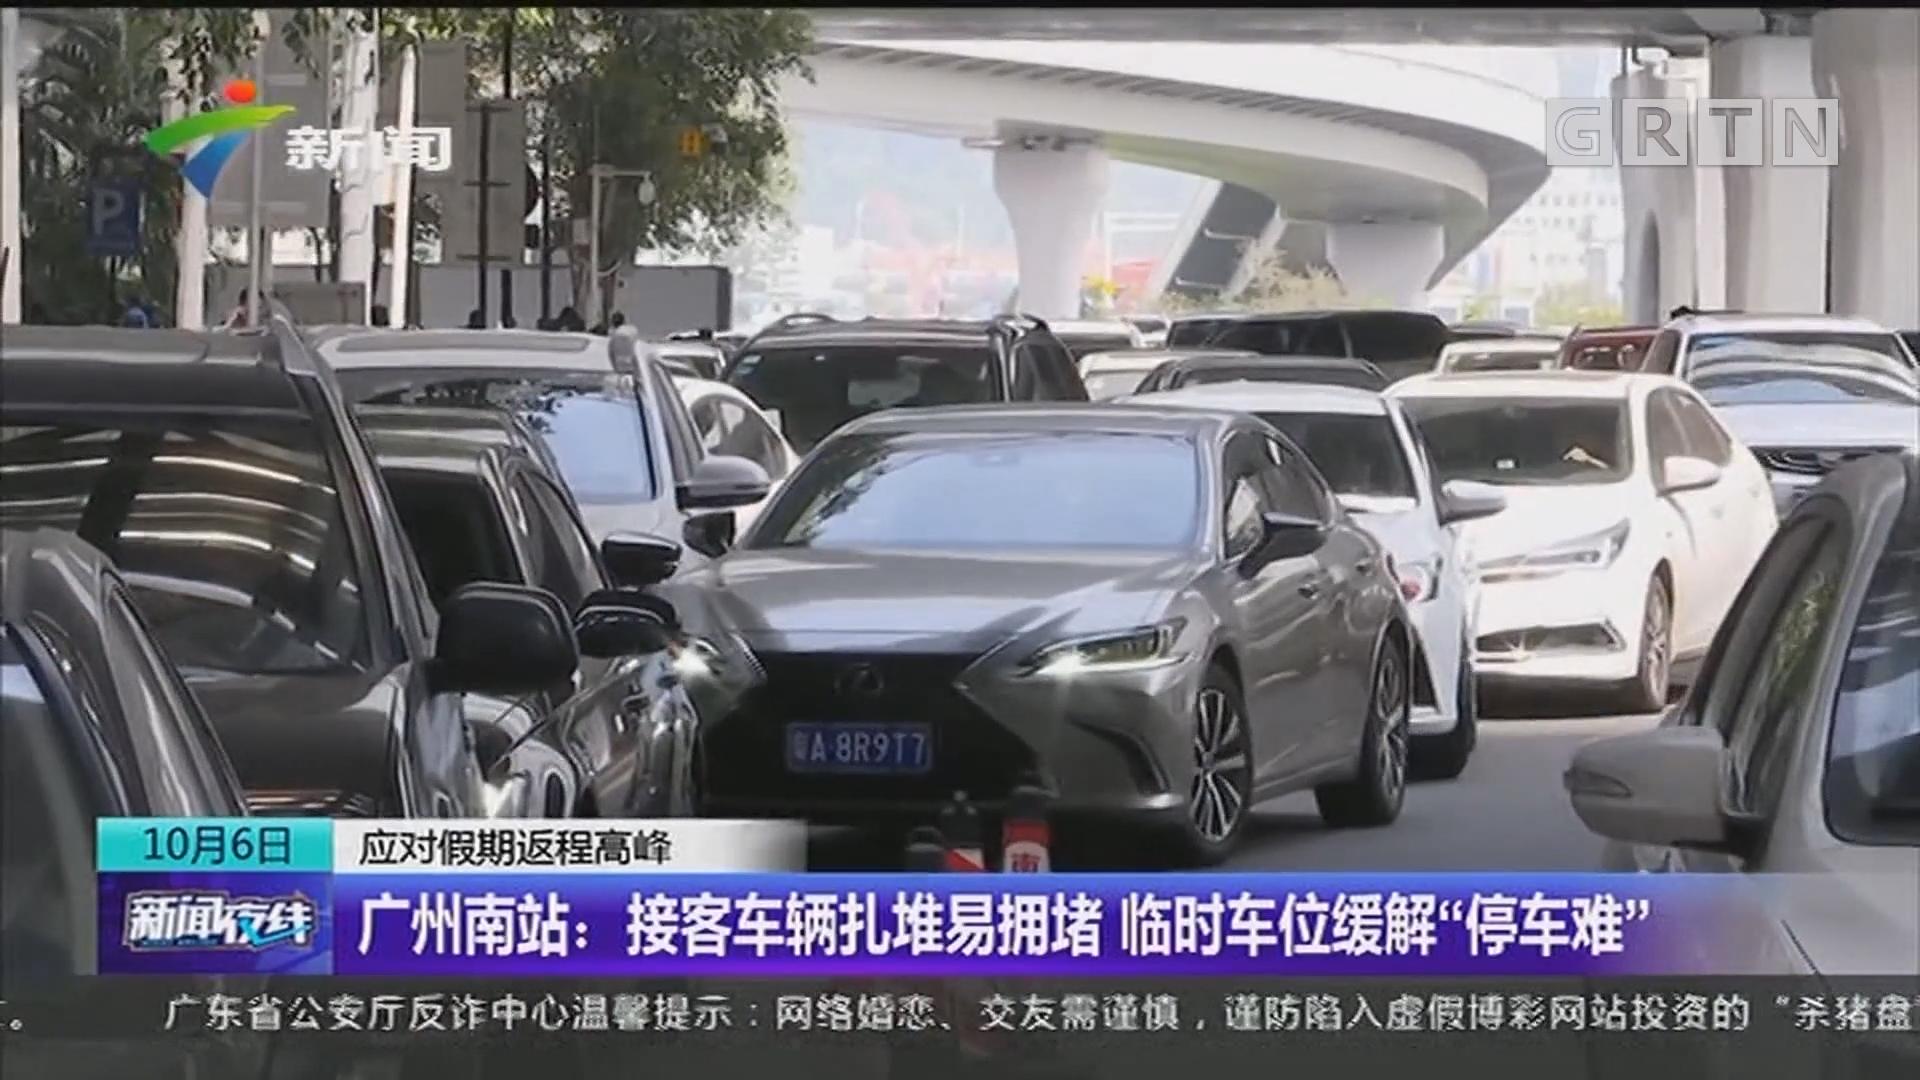 """应对假期返程高峰 广州南站:接客车辆扎堆易拥堵 临时车位缓解""""停车难"""""""